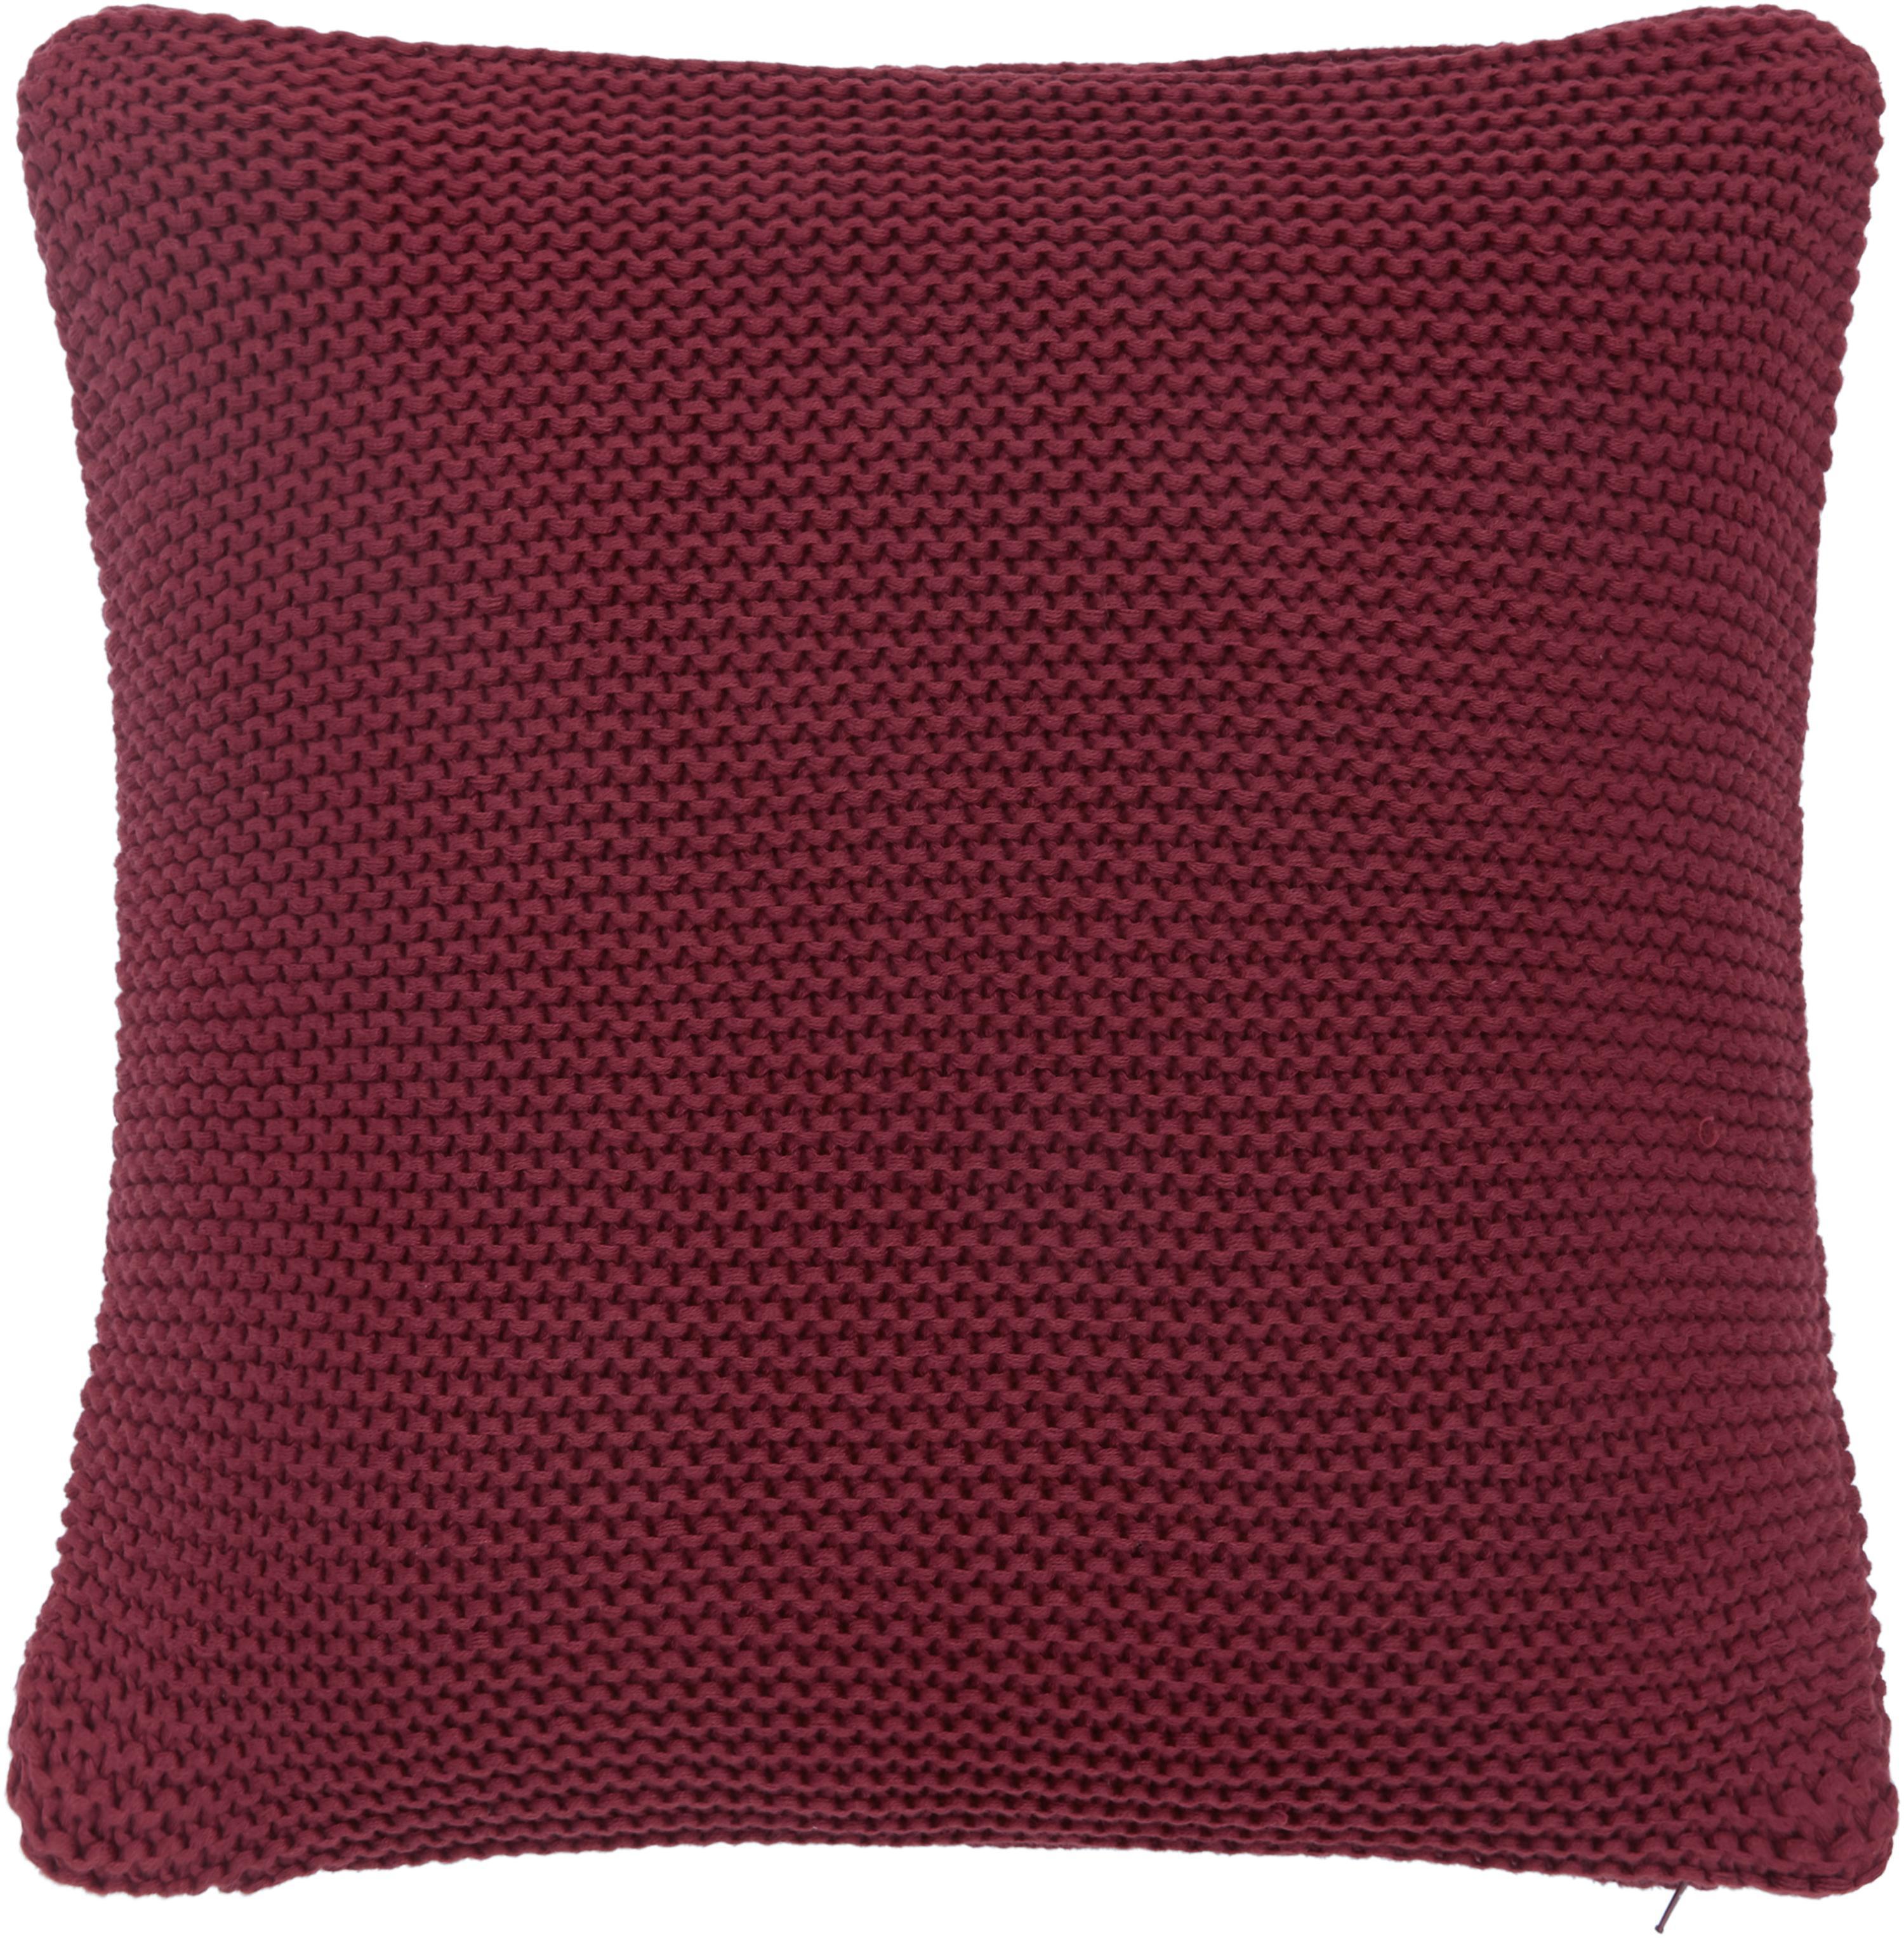 Funda de cojín de punto Adalyn, 100%algodón, Rojo oscuro, An 40 x L 40 cm